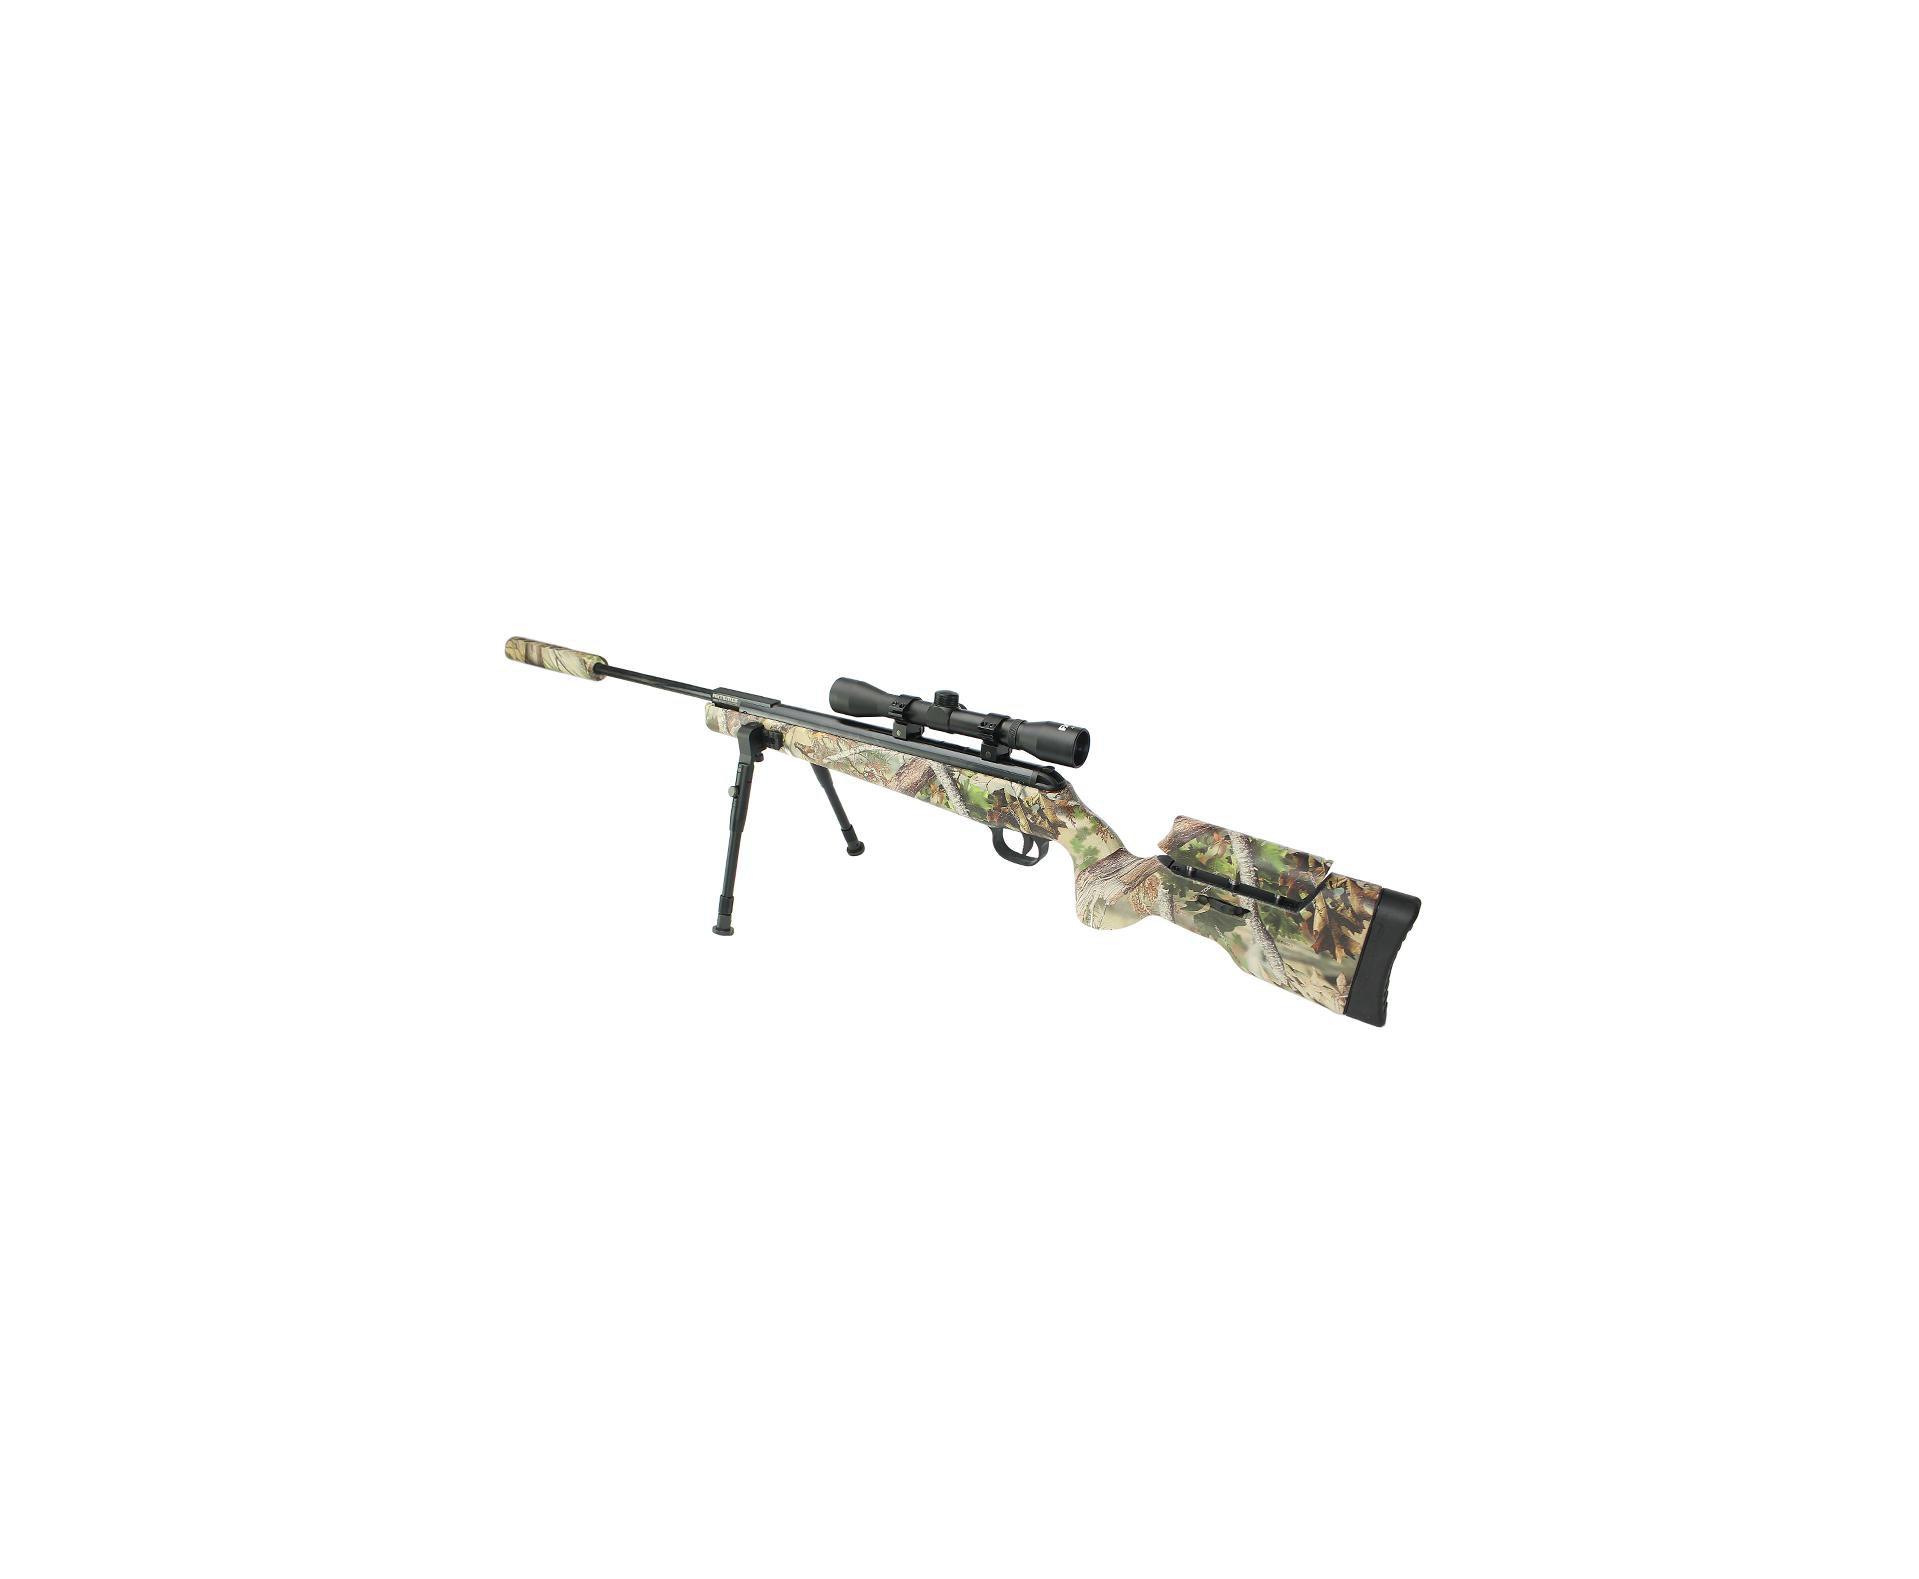 Carabina De Pressão Artemis Gp 1250 Sniper Gas Ram 70kg Camu 5,5mm + Bipé + Luneta + Supressor